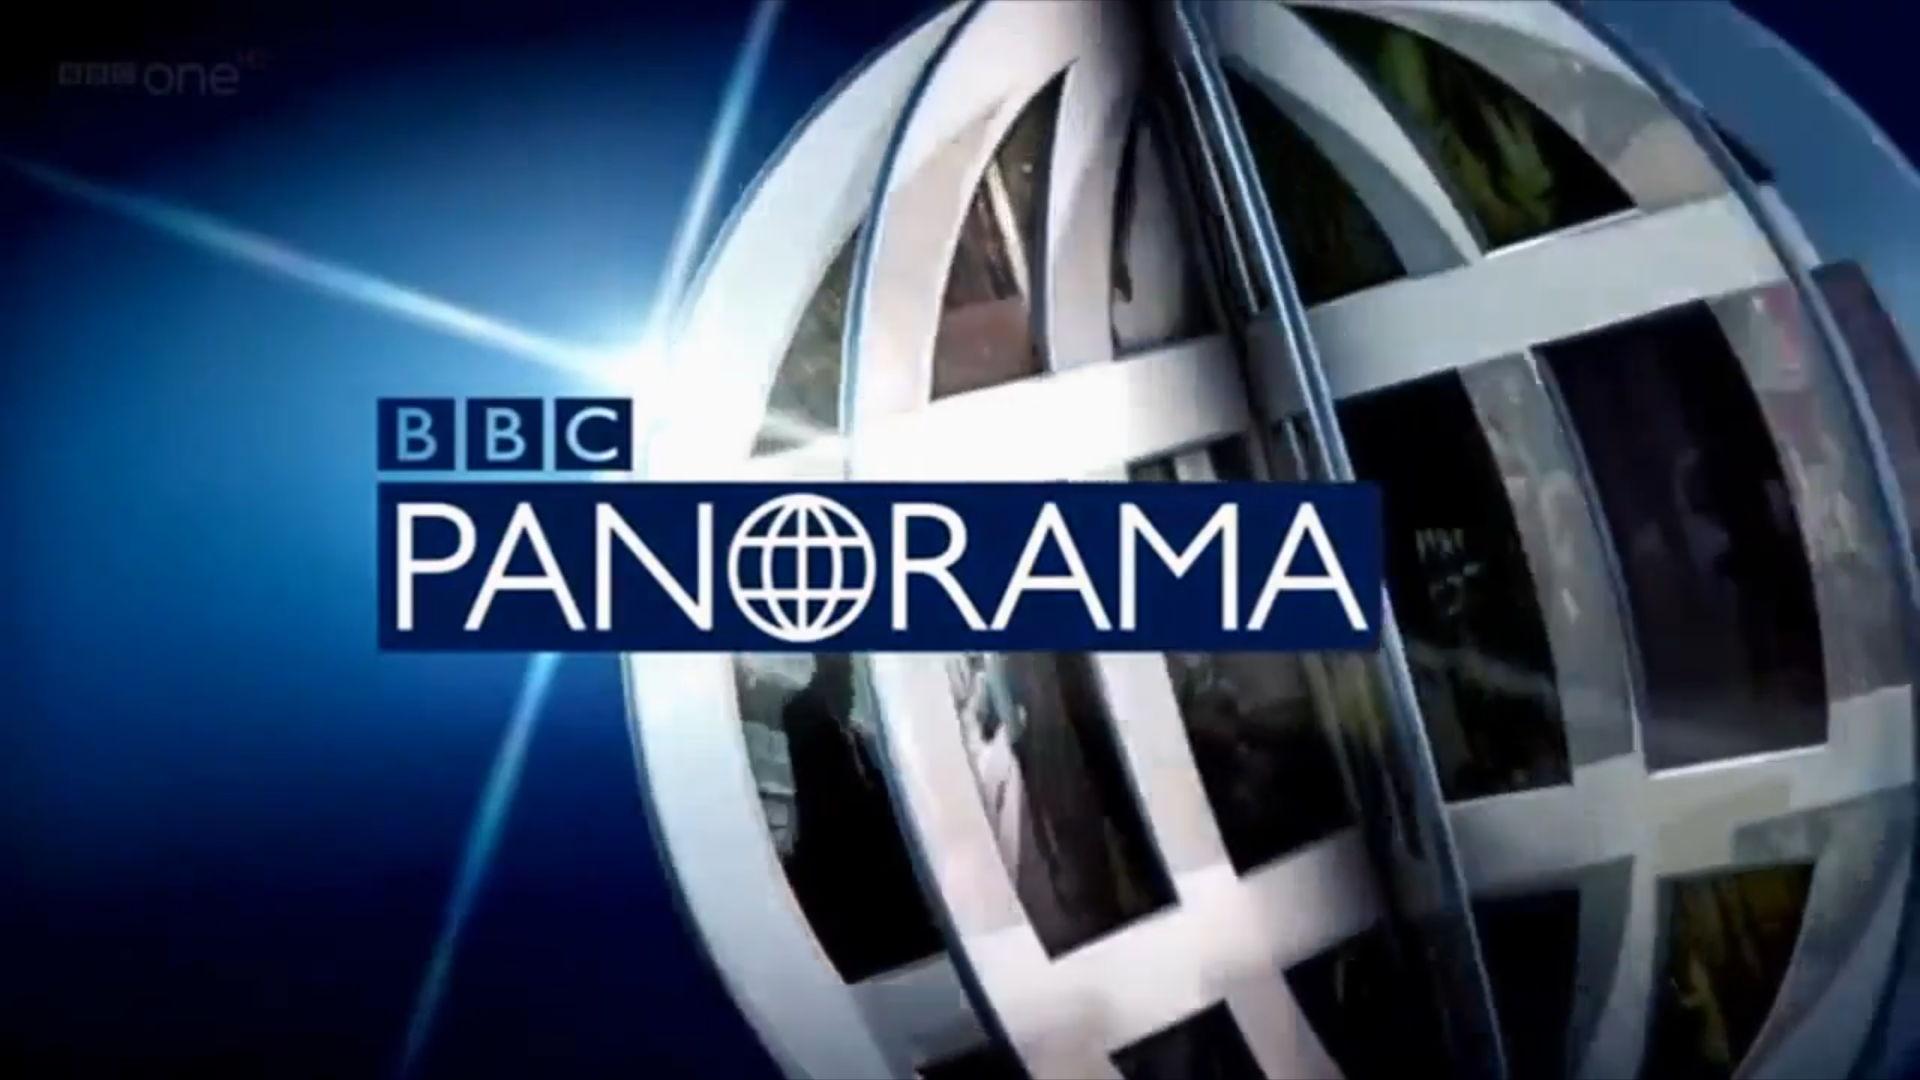 Panorama (TV Series 1953 - Now)